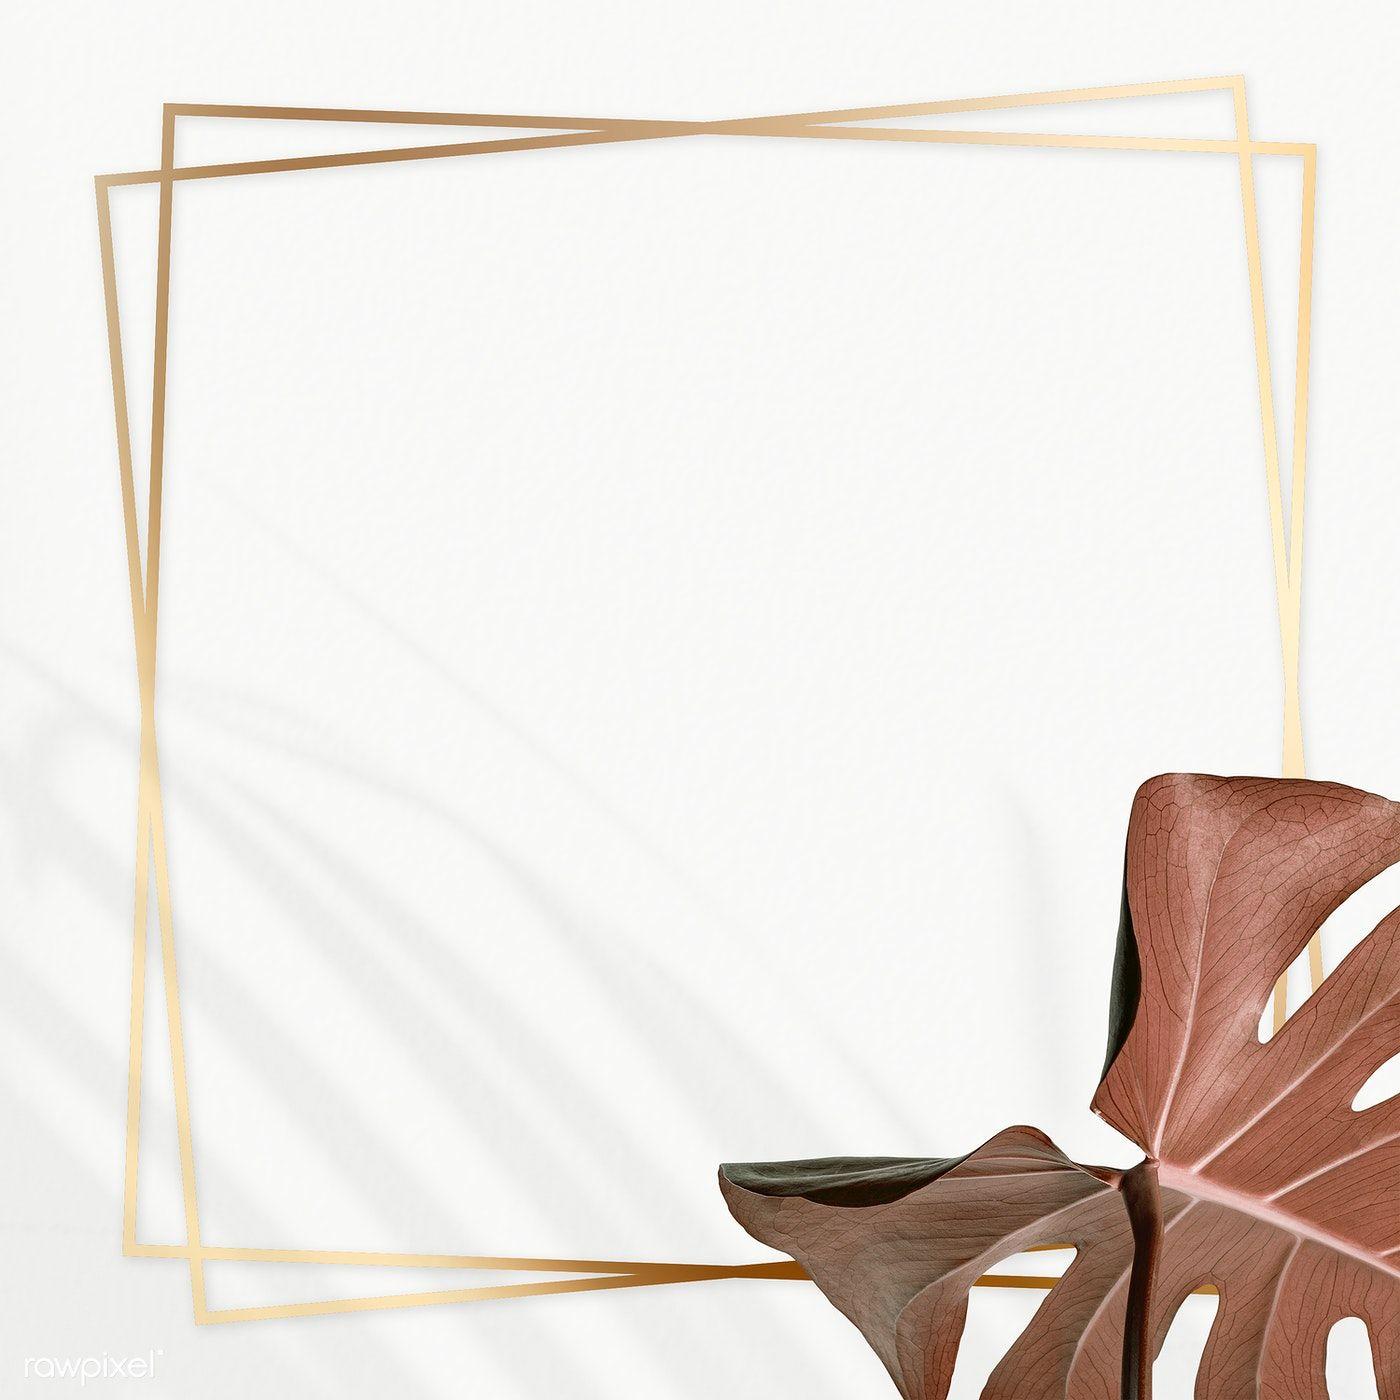 Golden Square Monstera Frame Design Resource Free Image By Rawpixel Com Adj In 2021 Frame Design Design Resources Tropical Frames